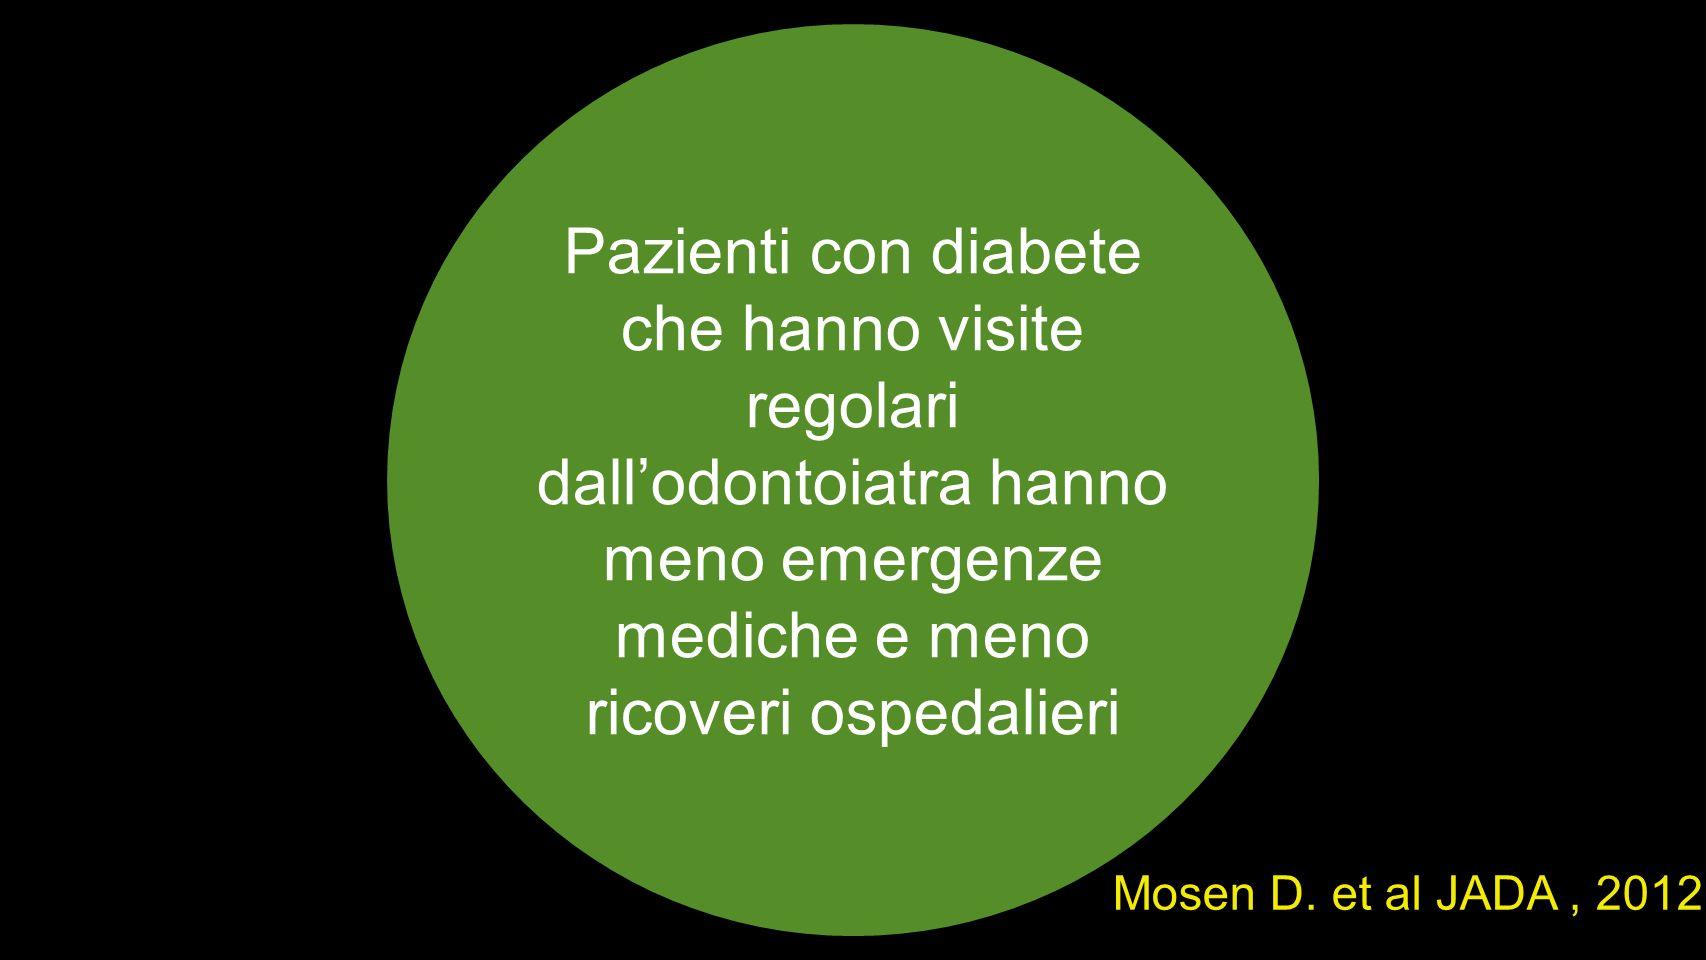 986 PAZIENTI DM 2 483 pz Sedute di igiene orale professionale regolari (1 volta/anno) 483 pz senza cure odontoiatrich e Pazienti con diabete che hanno